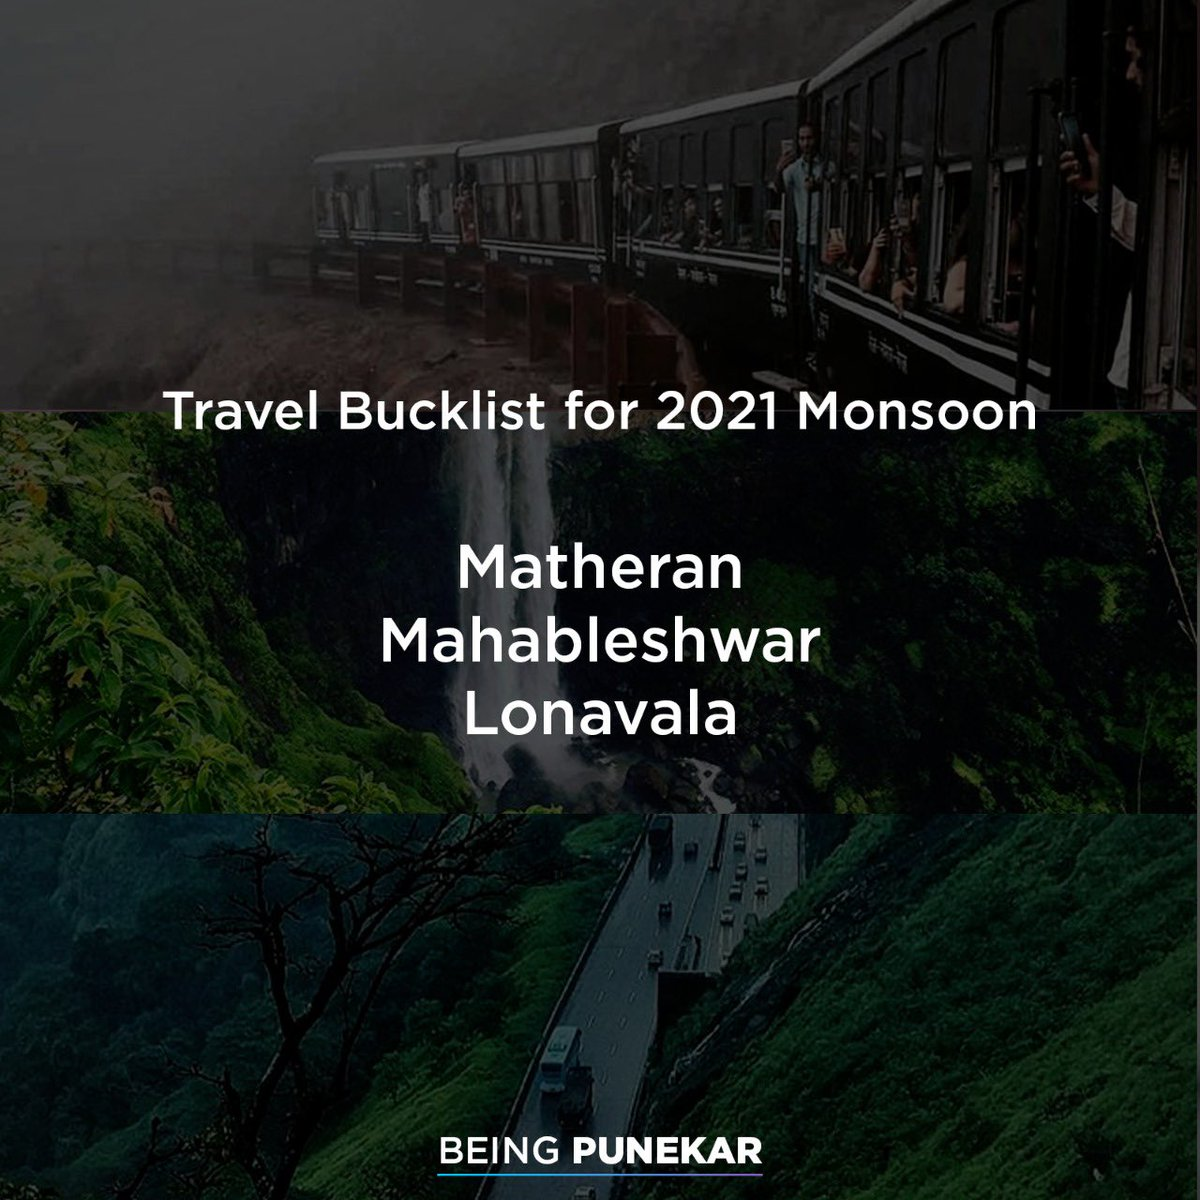 2021 Plans for Monsoon  #Pune pic.twitter.com/YMmtXk9OR7